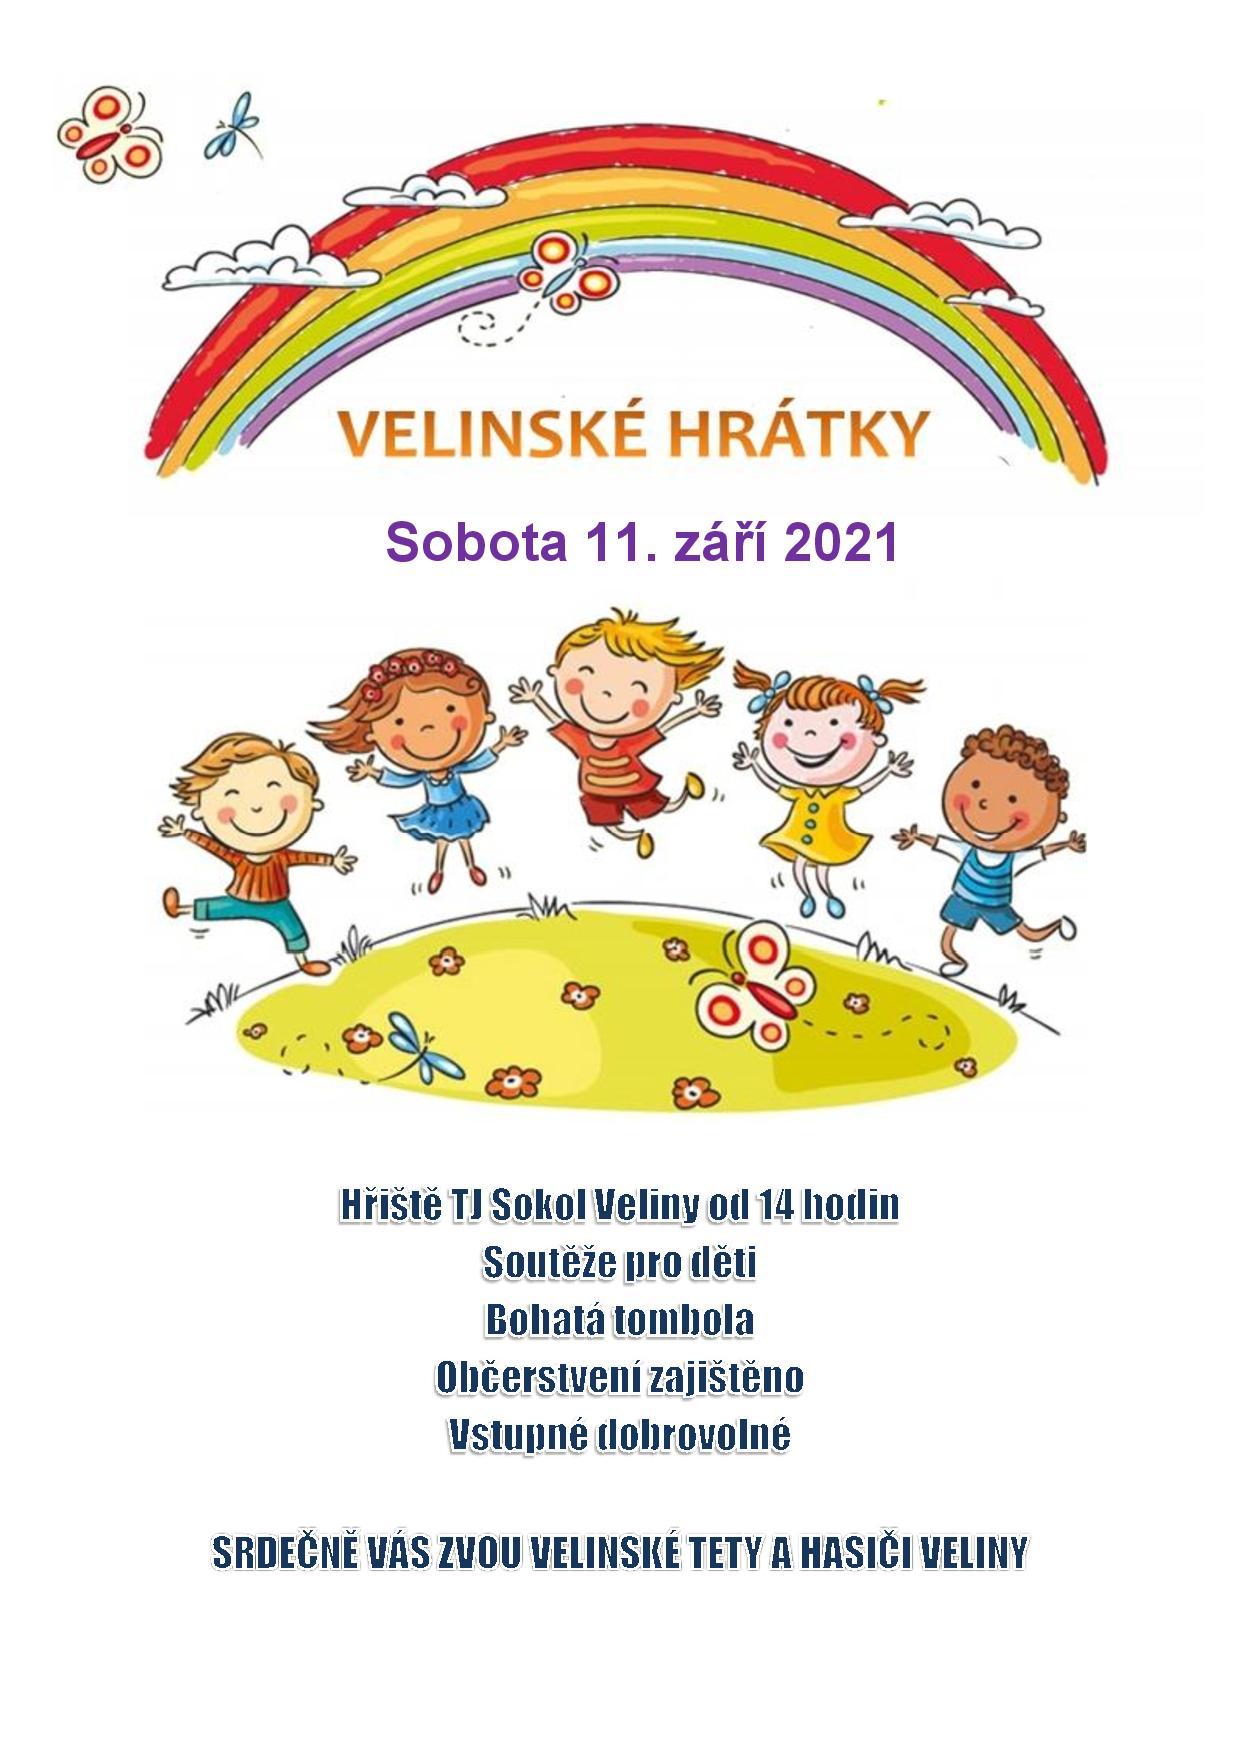 Velinske_hratky_2021-page-001